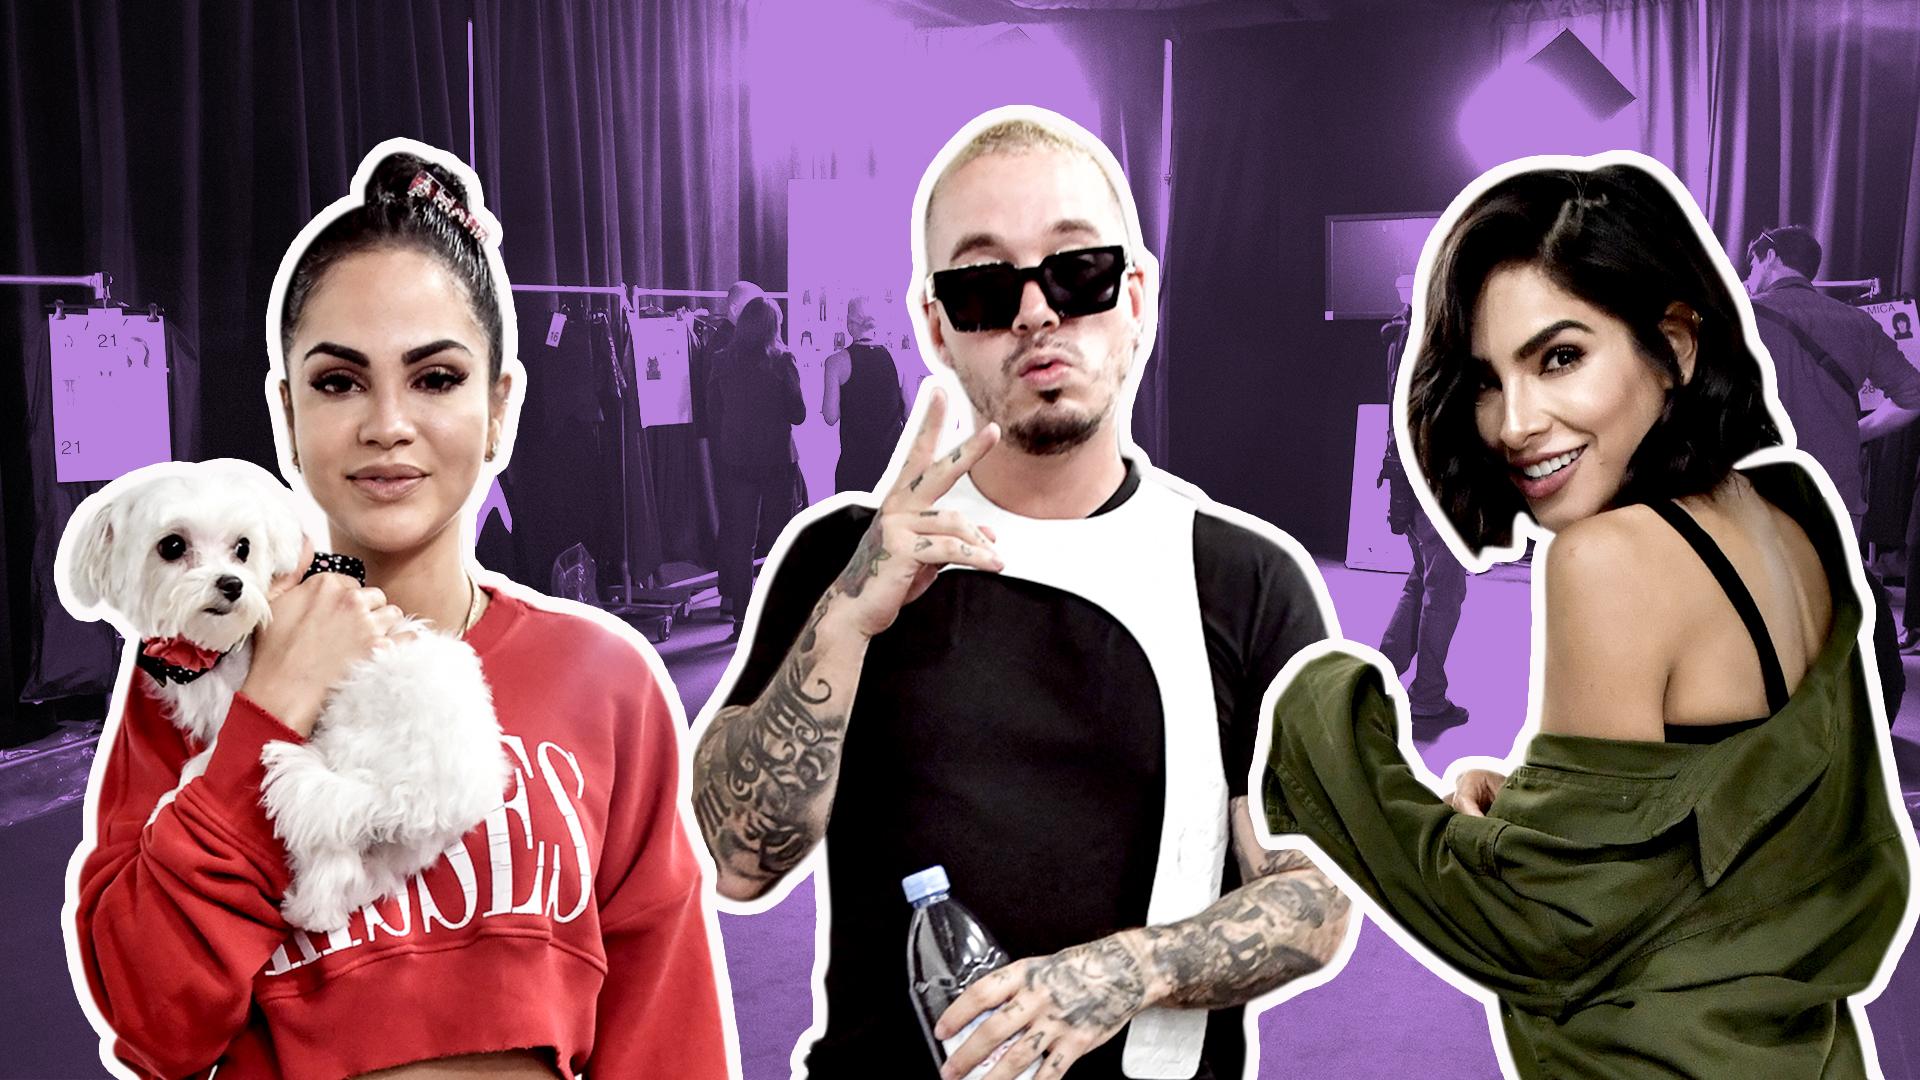 Cuando nadie los ve: Lo que hacen los famosos antes de subir al escenario